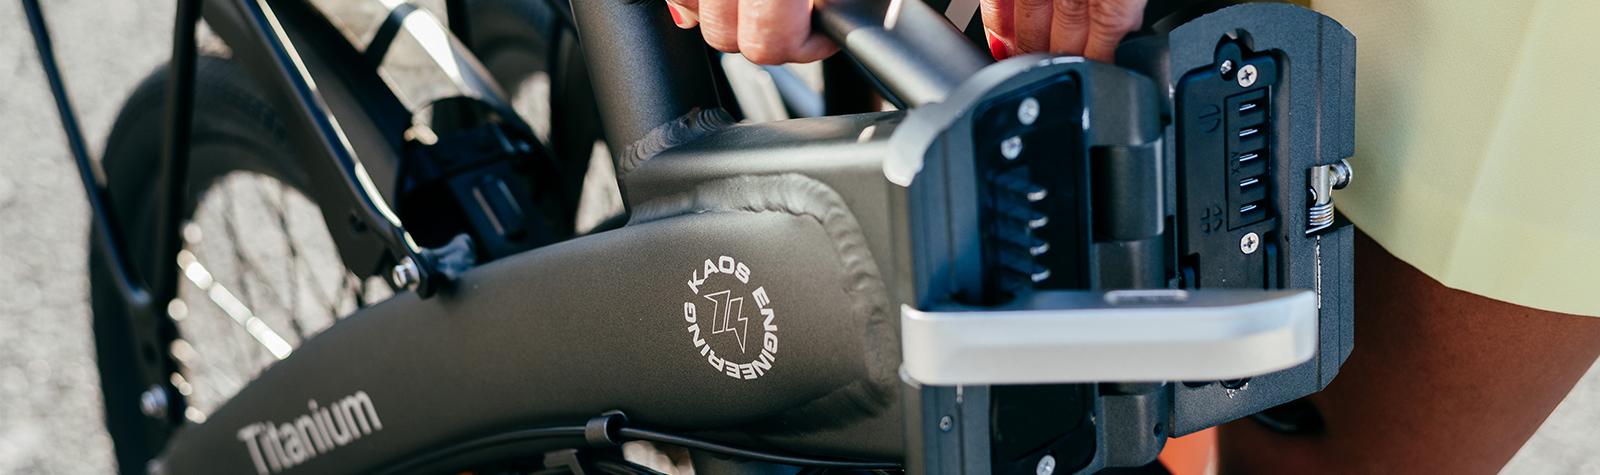 Consejos para alargar la autonomía de tu bicicleta eléctrica